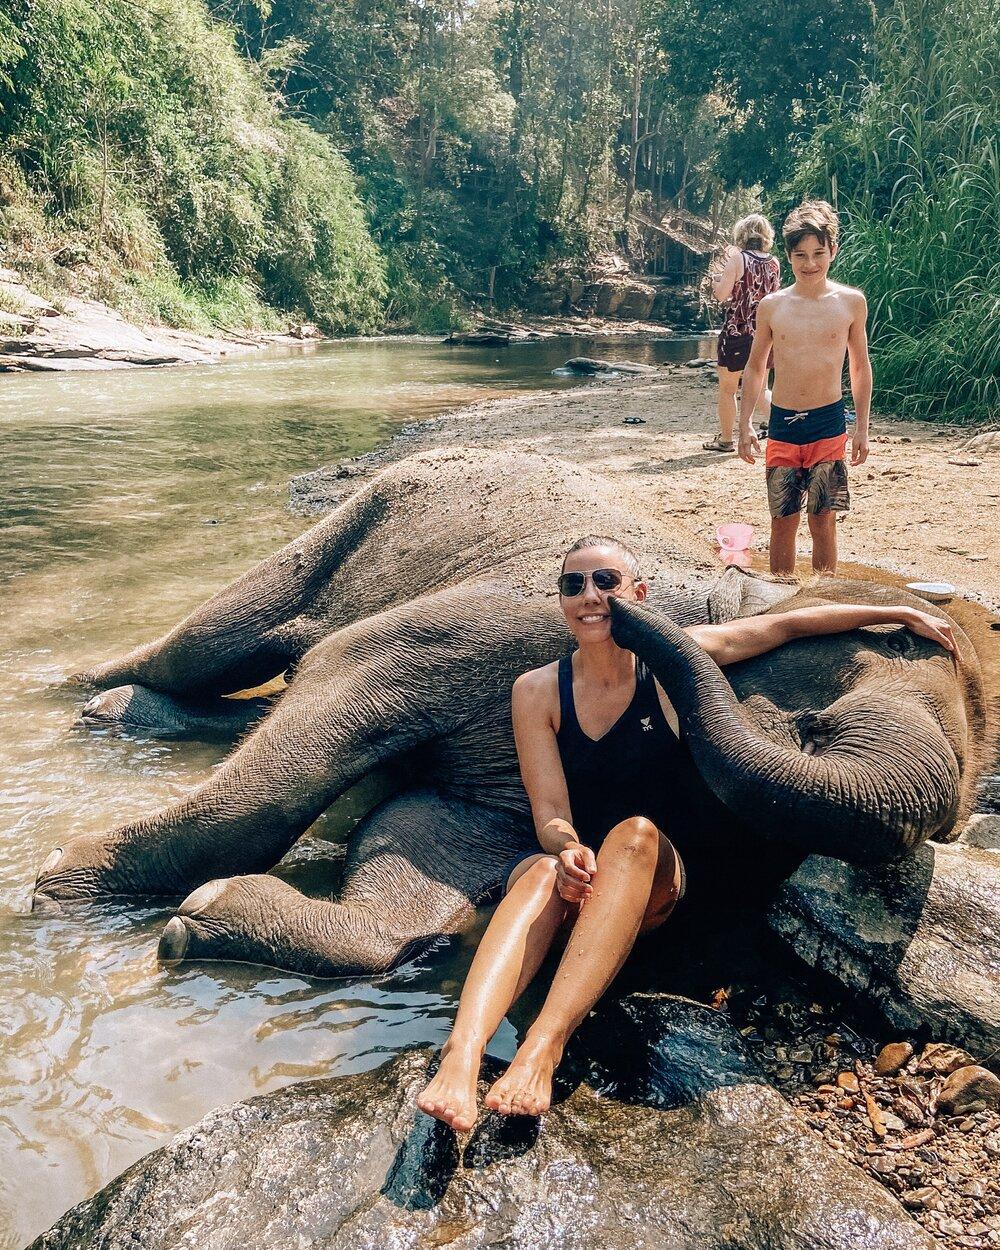 Bathing elephants at Golden Triangle elephant sanctuary